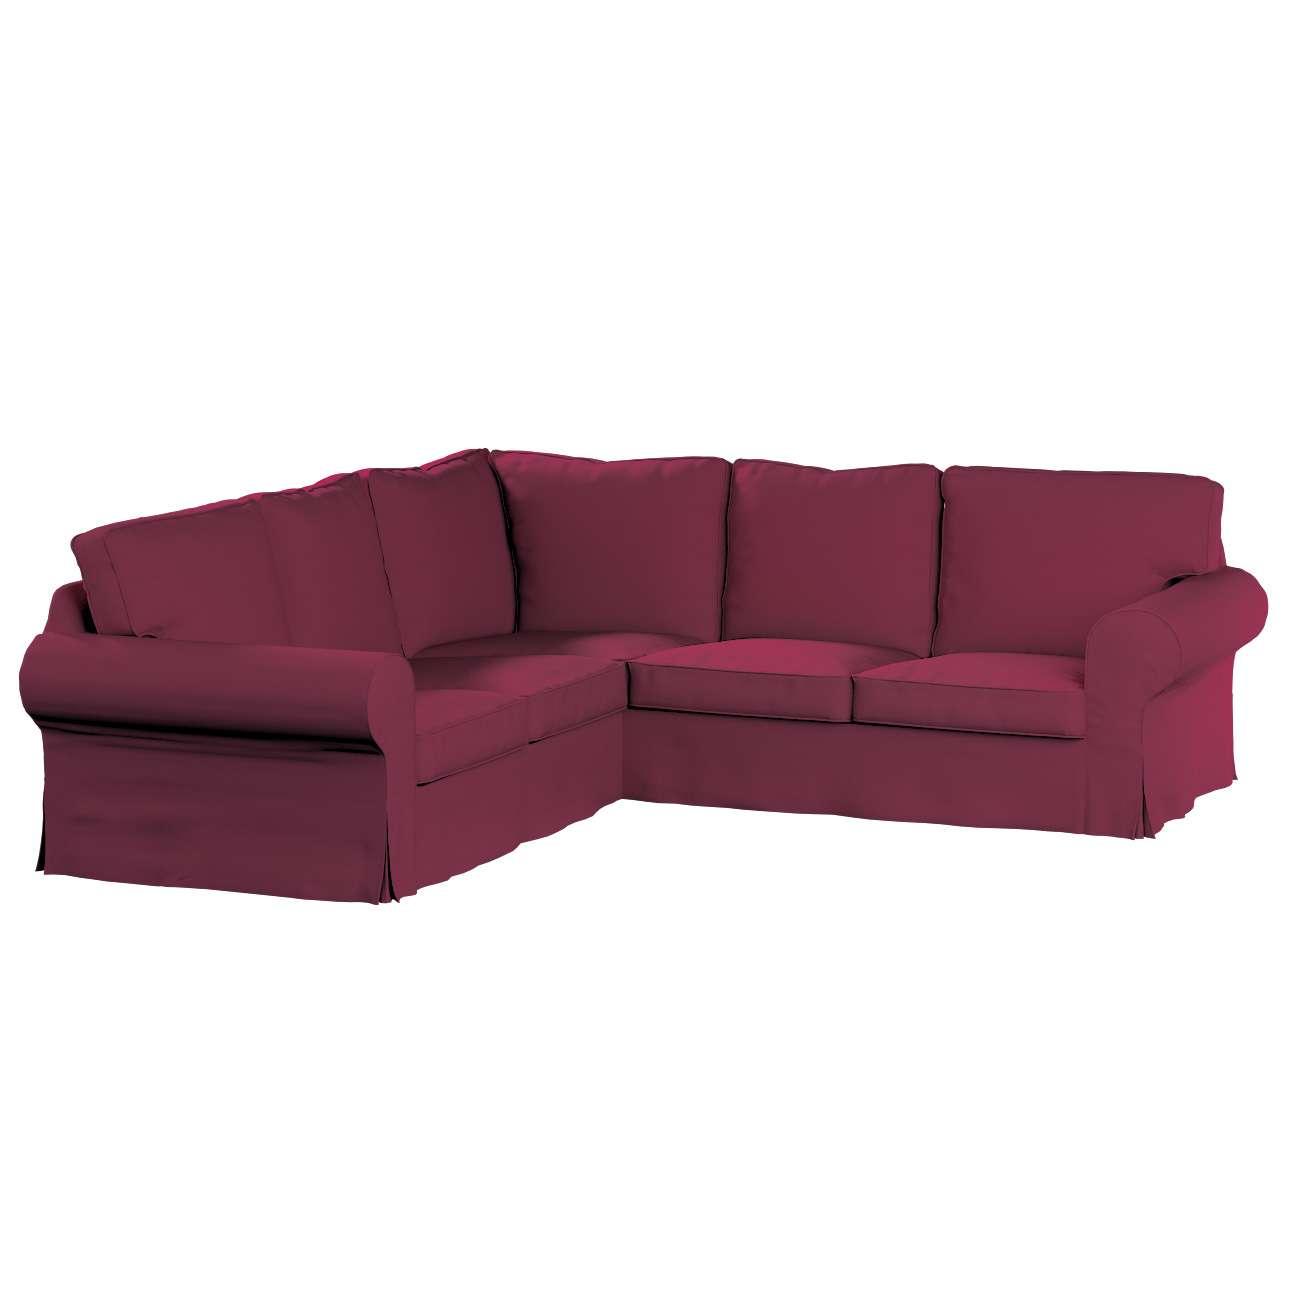 Pokrowiec Ektorp na sofę narożną w kolekcji Cotton Panama, tkanina: 702-32